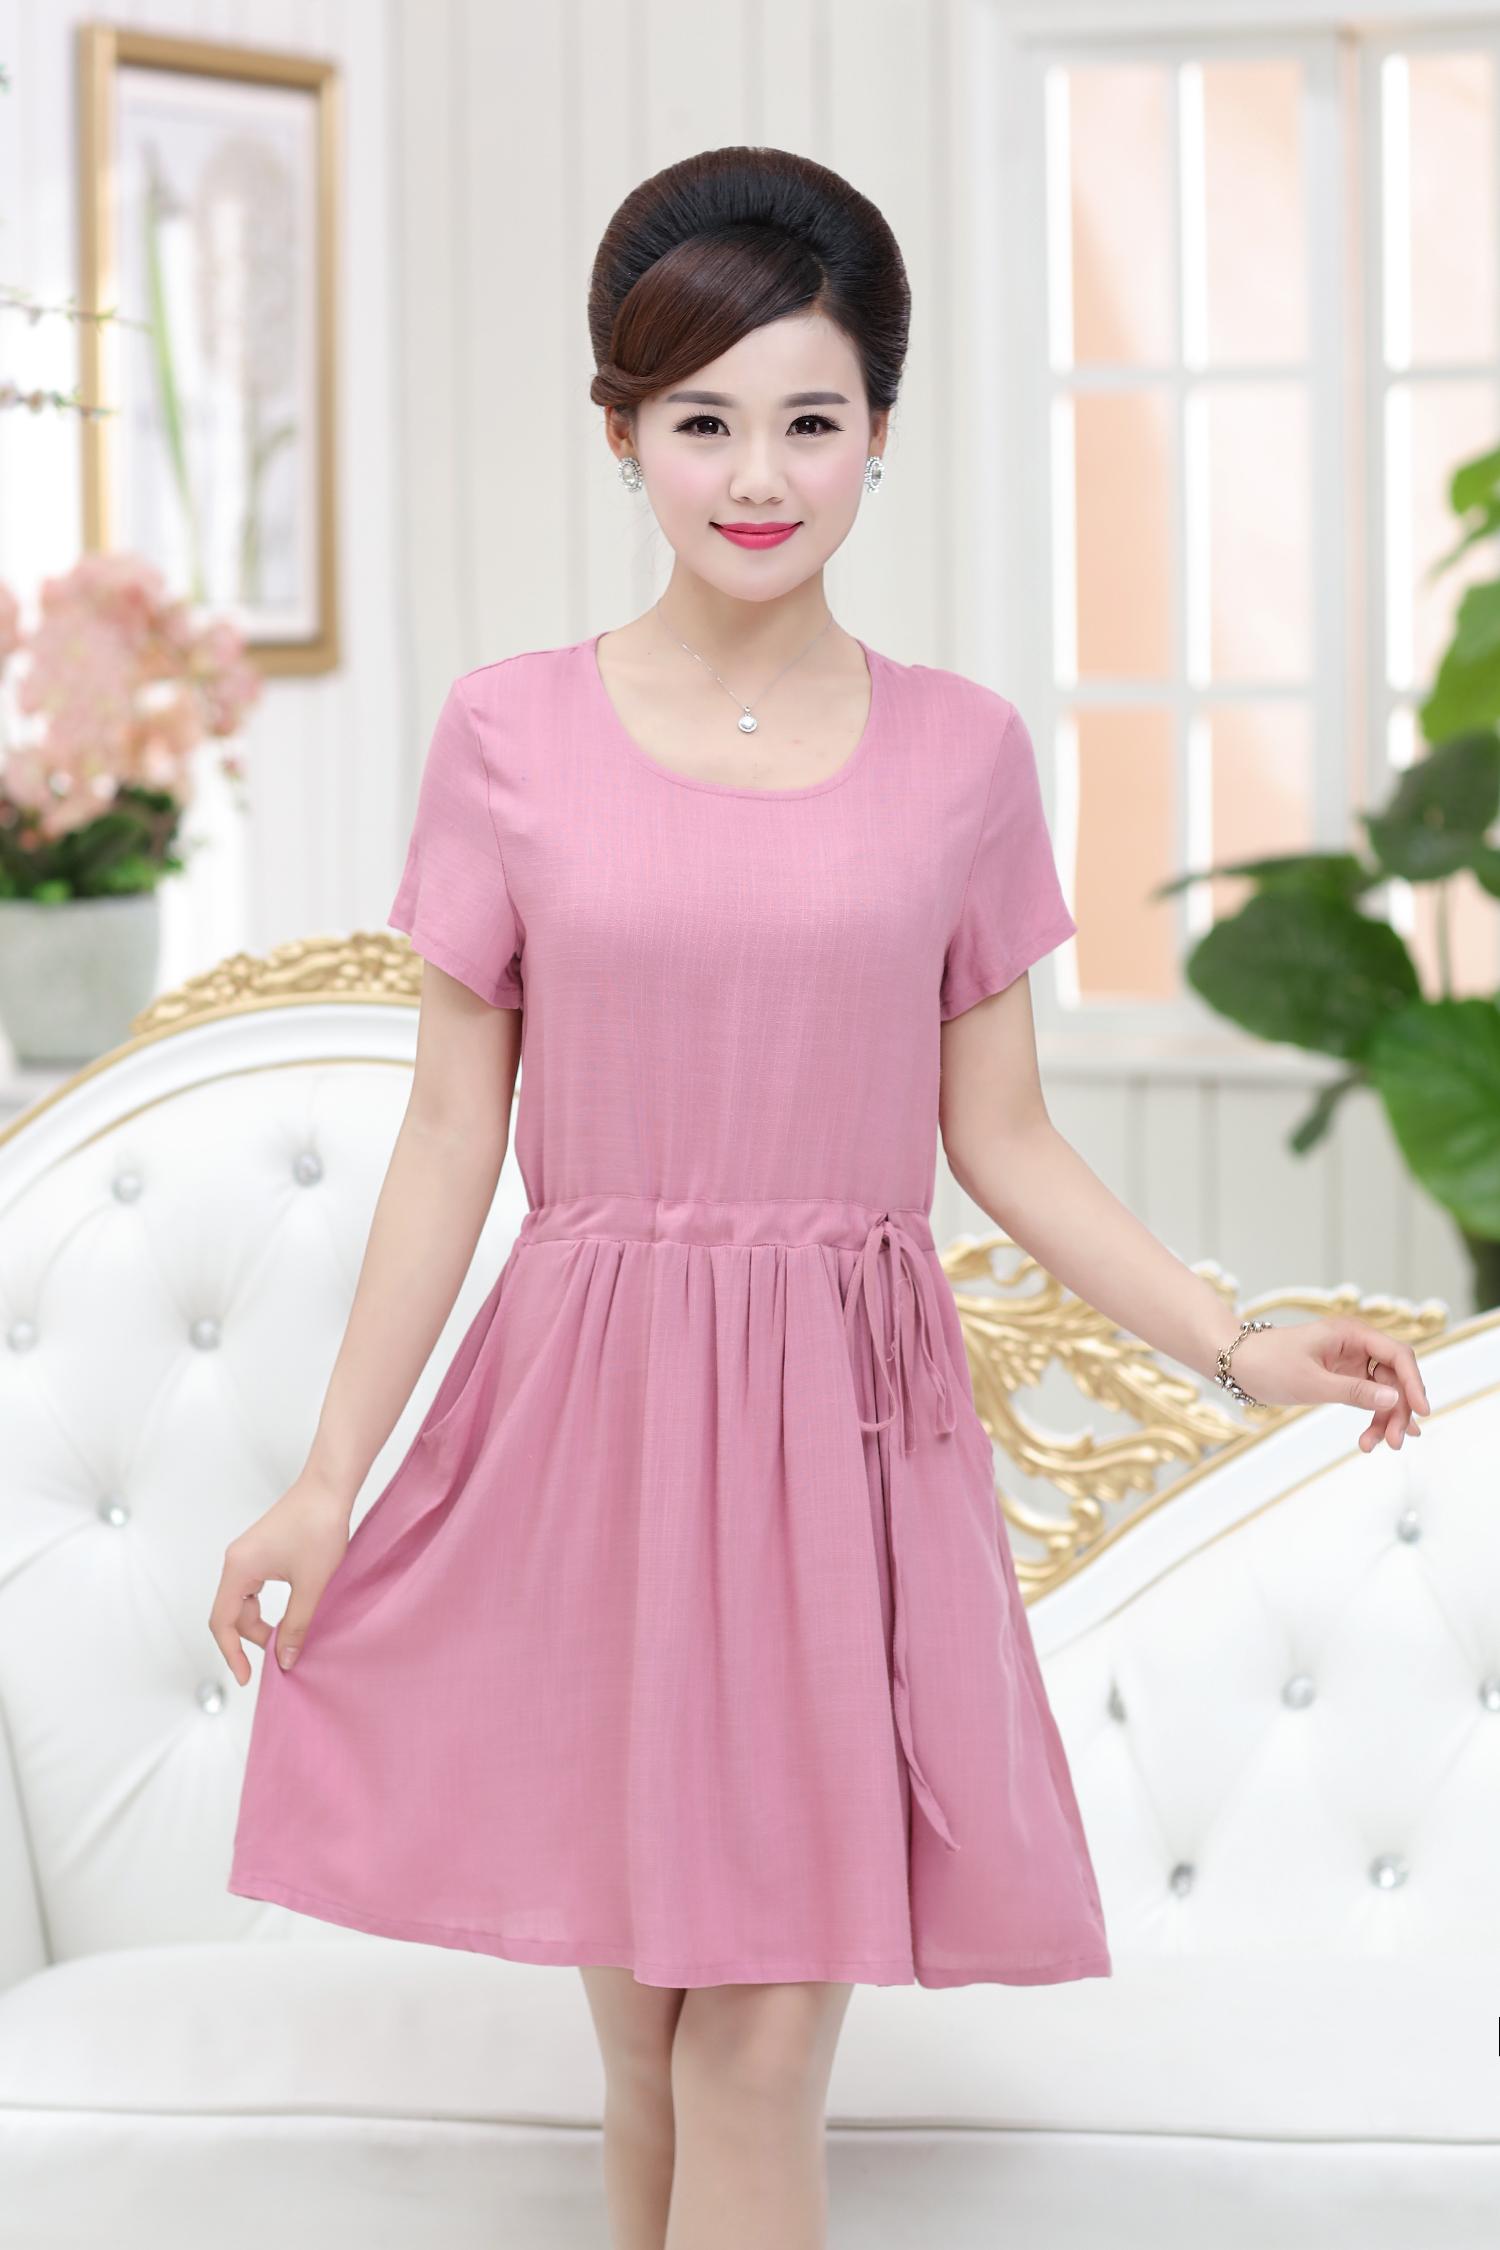 夏季40-60中老年女大码妈妈裙雪纺棉纯色带口袋中长款韩版连衣裙